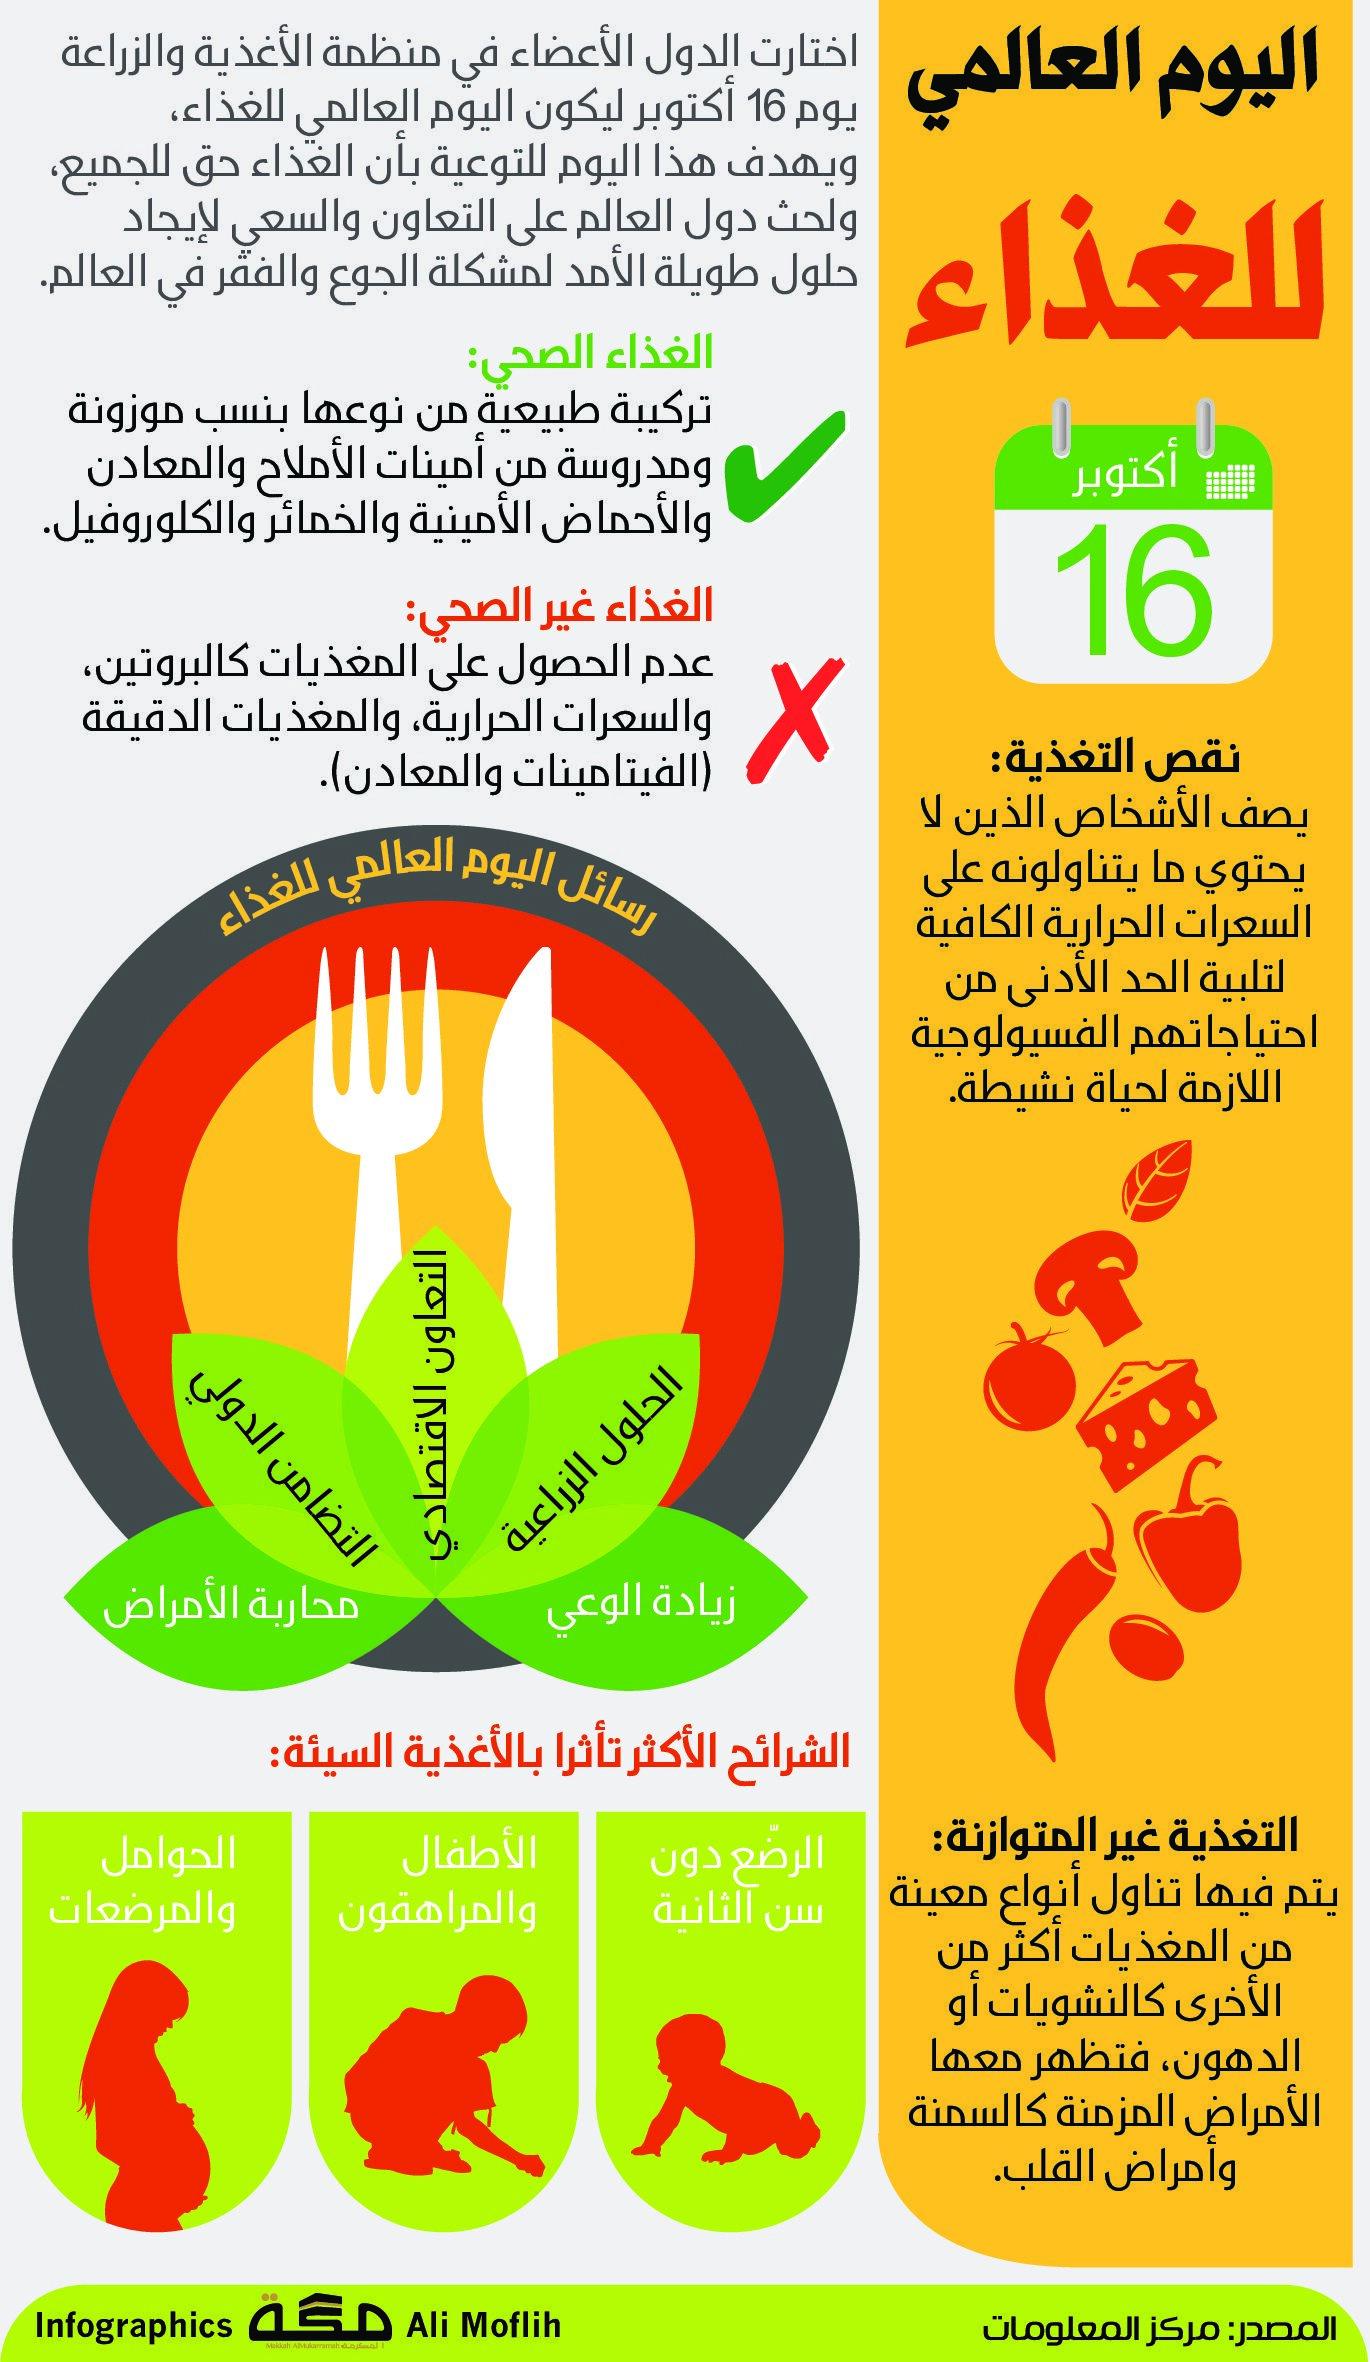 اليوم العالمي للغذاء 16 أكتوبر صحيفةـمكة انفوجرافيك الأيام العالمية Infographic Pie Chart Chart